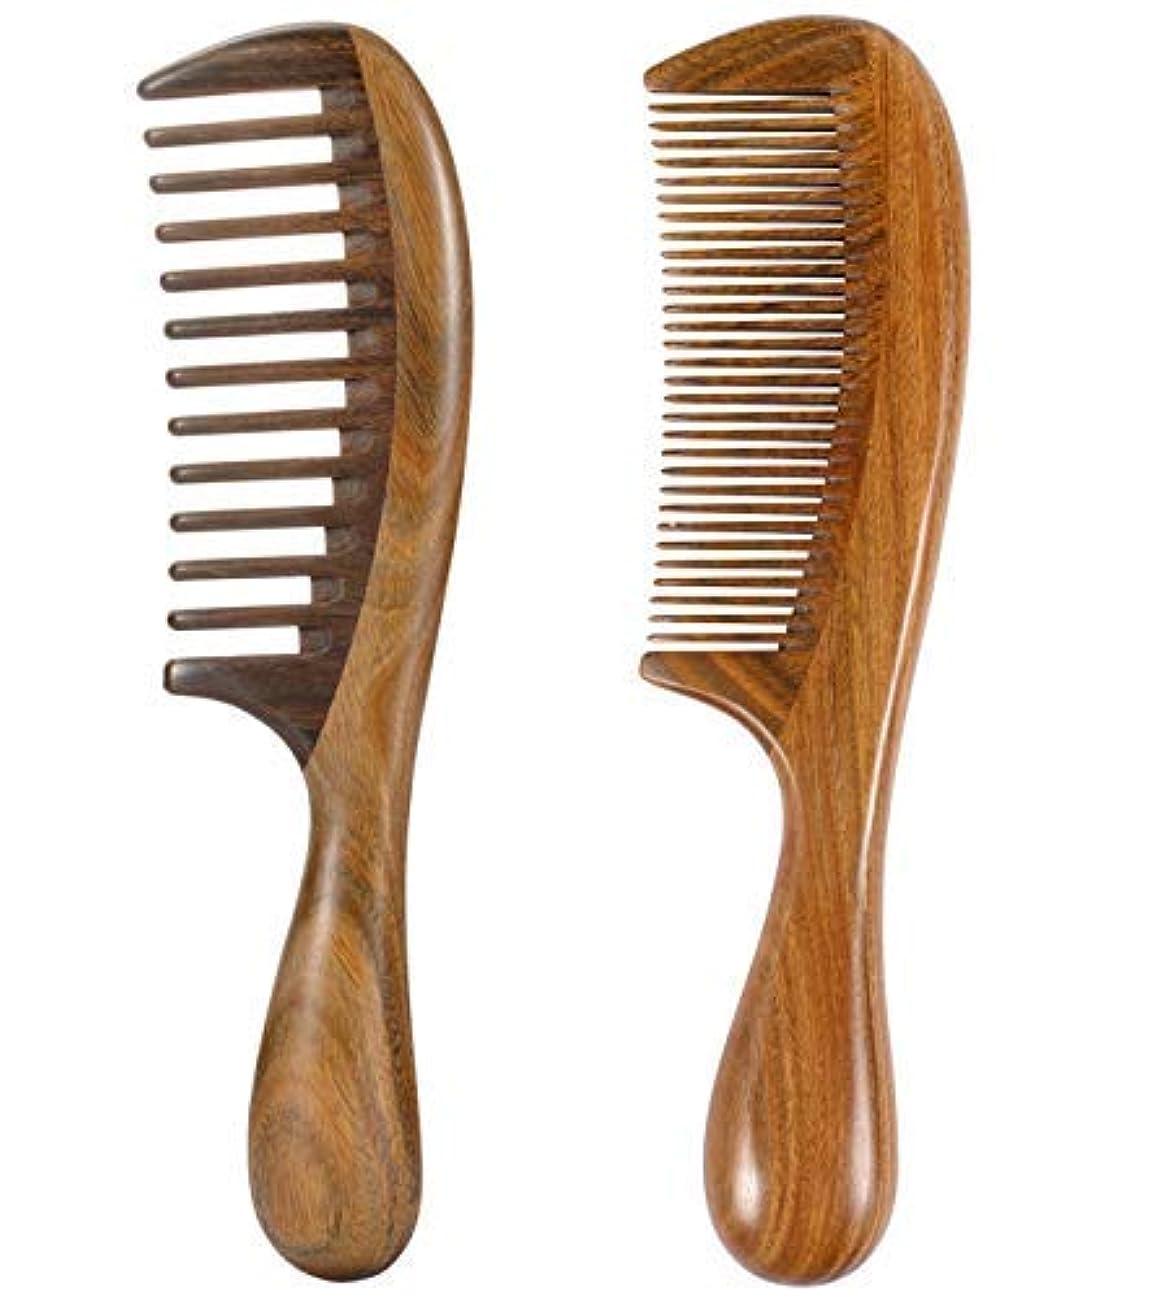 寛容な勝利した地球iPang 2pcs Wooden Hair Comb Wide Tooth Comb and Find Tooth Comb Detangling Sandalwood Comb [並行輸入品]